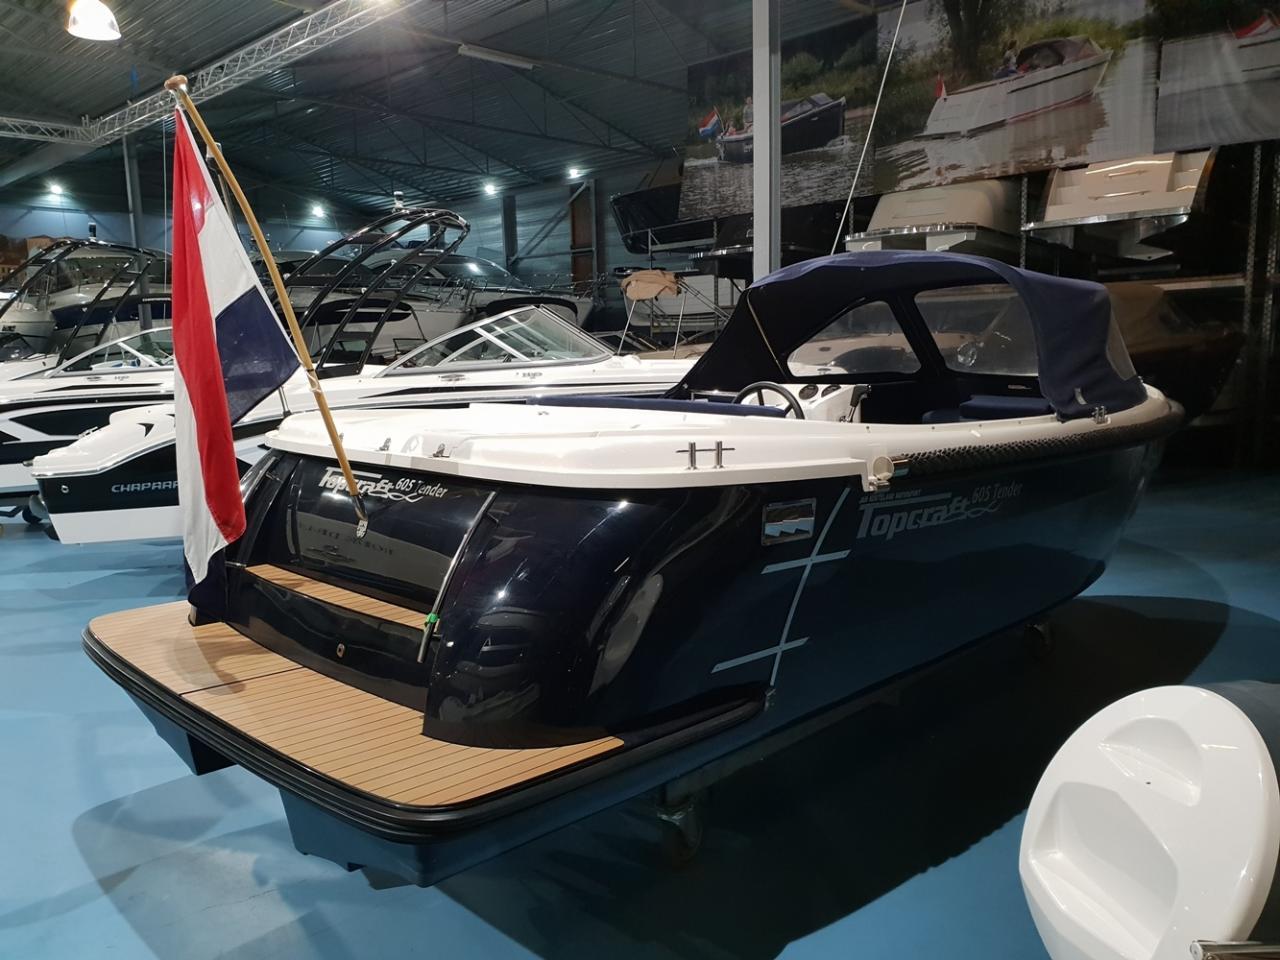 Topcraft 605 tender met Yamaha 50 pk nieuwstaat! 2